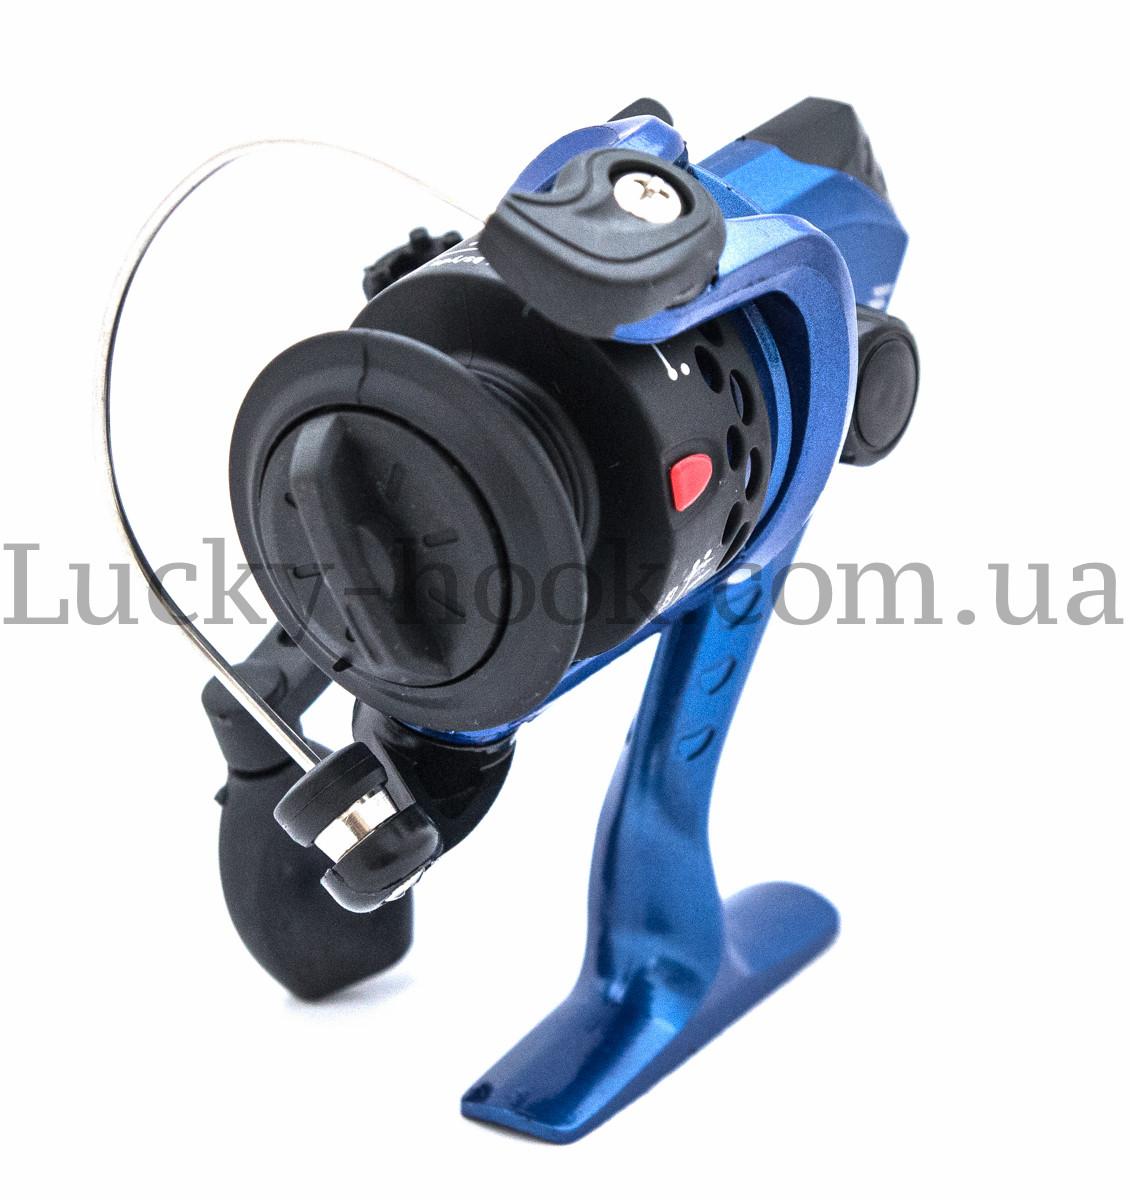 Катушка безынерционная для удочки синяя Winner EF200 4b